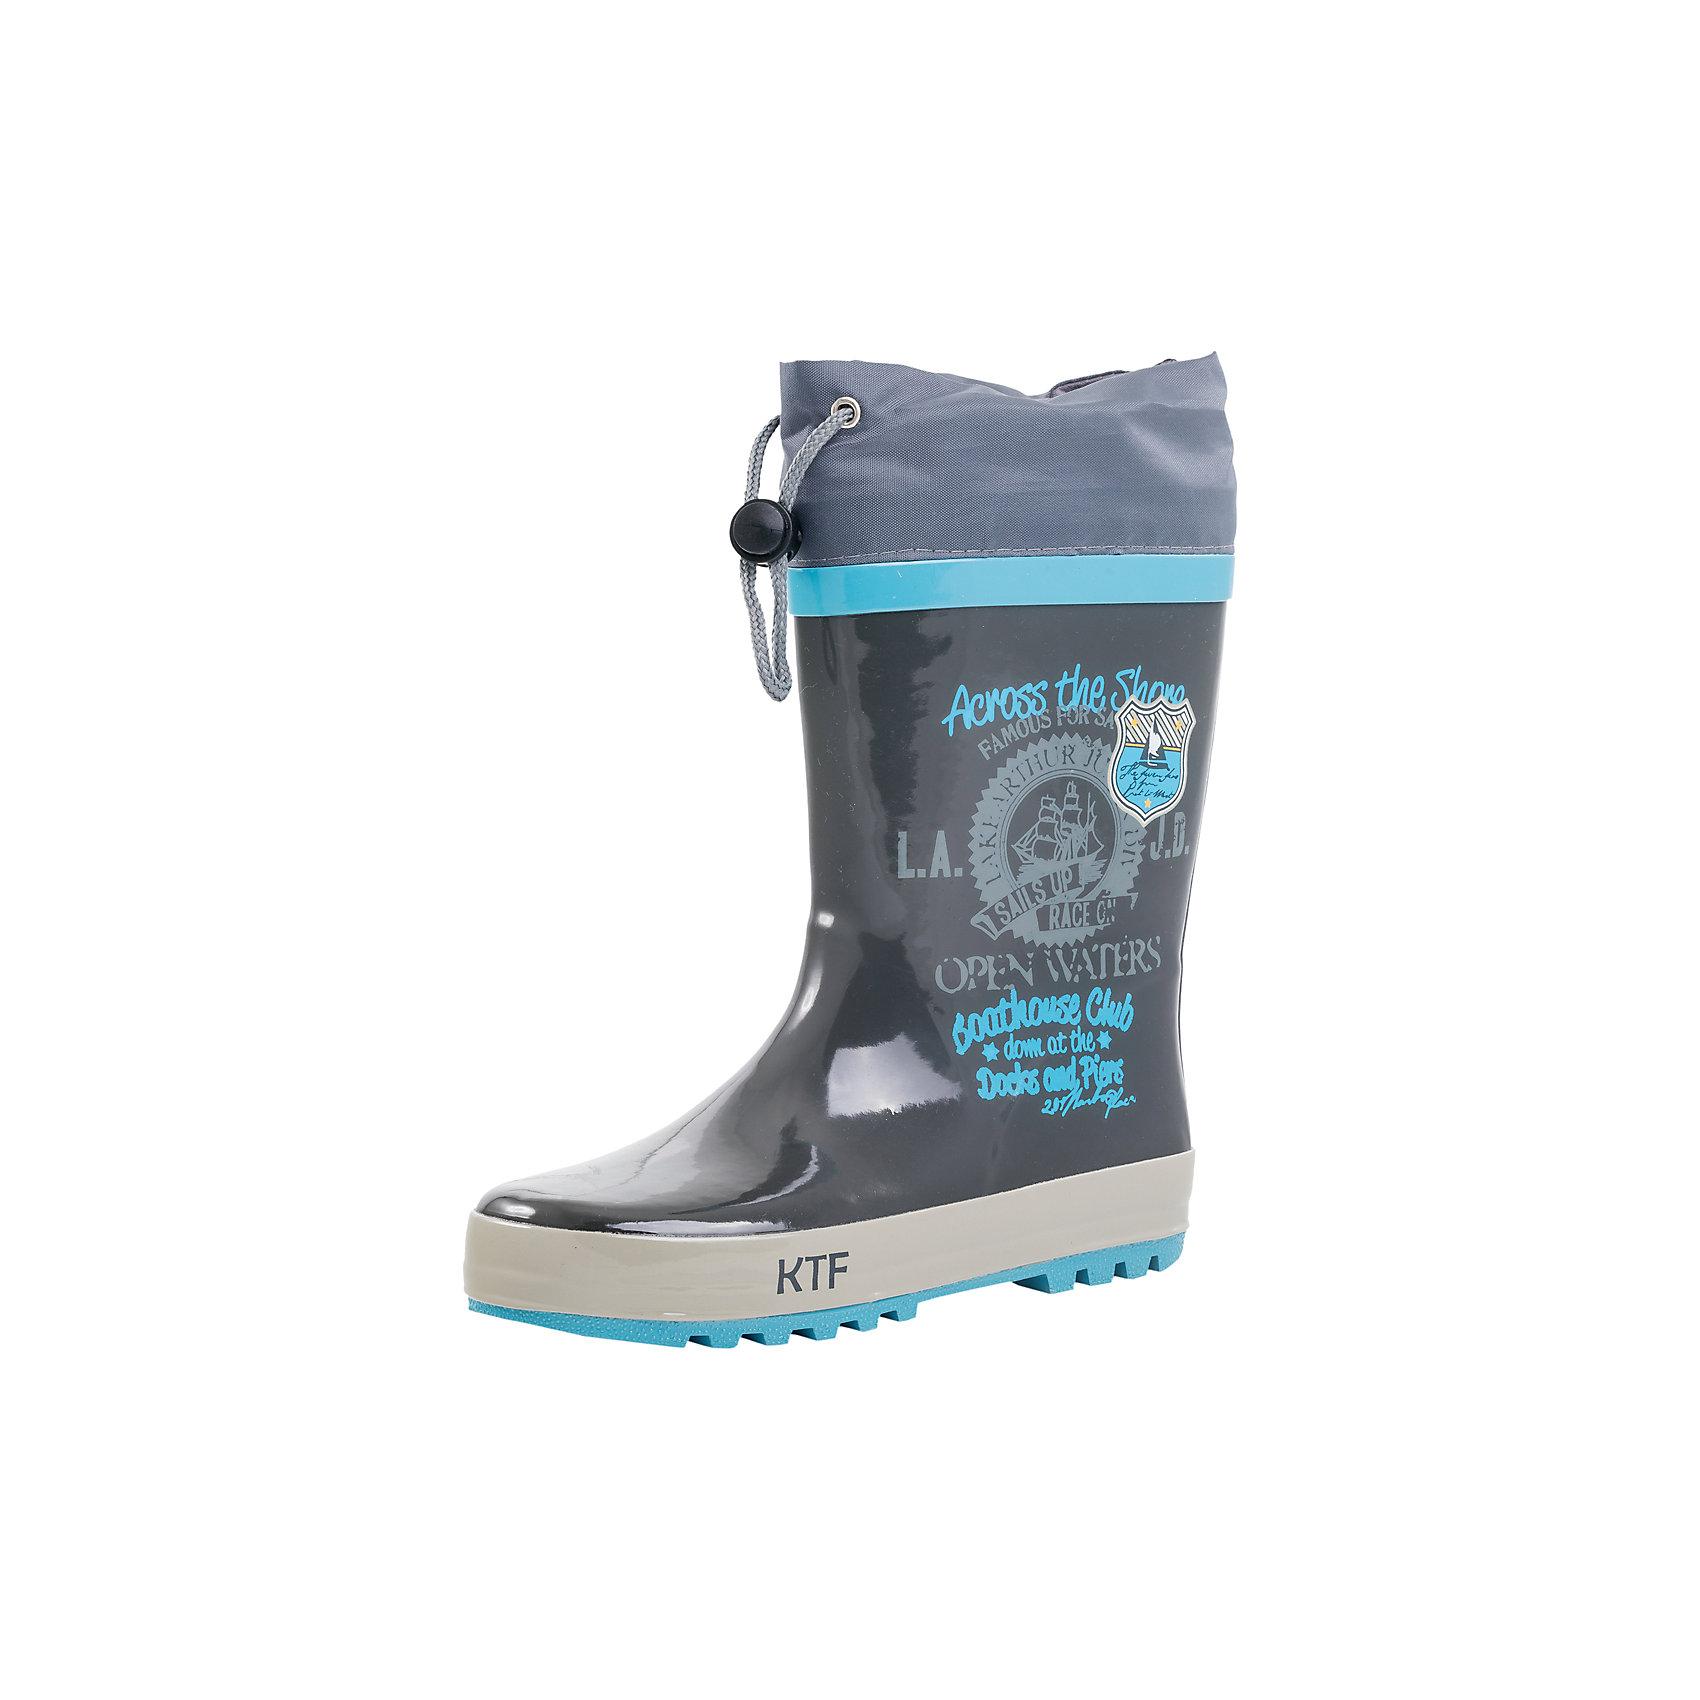 Резиновые сапоги для мальчика КотофейРезиновые сапоги<br>Характеристики товара:<br><br>• цвет: серый<br>• внешний материал: резина<br>• внутренний материал: текстиль<br>• стелька: текстиль<br>• подошва: резина<br>• температурный режим: от +7°до +20°С<br>• без внутреннего съёмного сапожка<br>• водонепроницаемая манжета с утяжкой<br>• вид крепления: горячая вулканизация<br>• рифленая устойчивая подошва<br>• страна бренда: Российская Федерация<br>• страна производства: Китай<br><br>Обувь из новой коллекции от популярного российского производителя Котофей отличается ярким дизайном, продуманностью и комфортом! Эта модель разработана специально для детей - она учитывает особенности строения и развития детской стопы. Симпатичная, оригинальная и удобная вещь!<br><br>Резиновые сапоги для мальчика от известного бренда Котофей можно купить в нашем интернет-магазине.<br><br>Ширина мм: 237<br>Глубина мм: 180<br>Высота мм: 152<br>Вес г: 438<br>Цвет: серый<br>Возраст от месяцев: 108<br>Возраст до месяцев: 120<br>Пол: Мужской<br>Возраст: Детский<br>Размер: 33,34,35,30,31,32<br>SKU: 5521601